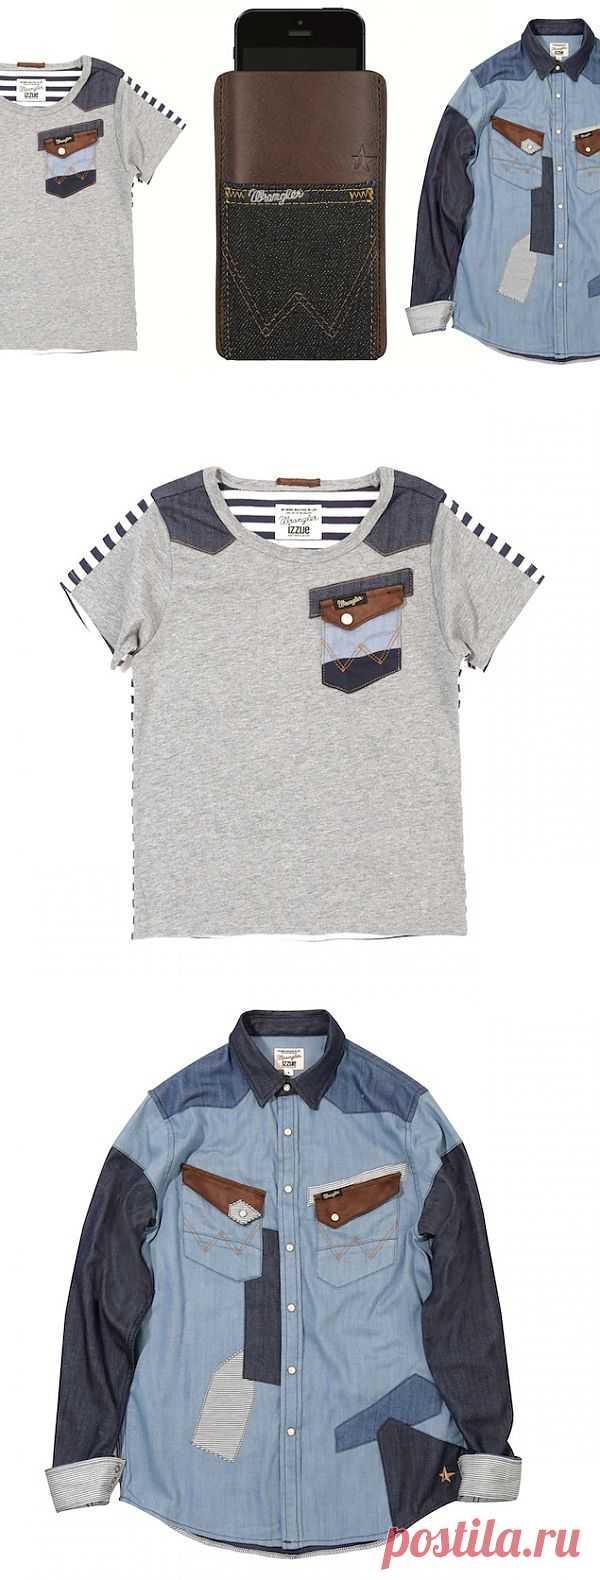 Wrangler 2013 / Мужская мода / Модный сайт о стильной переделке одежды и интерьера